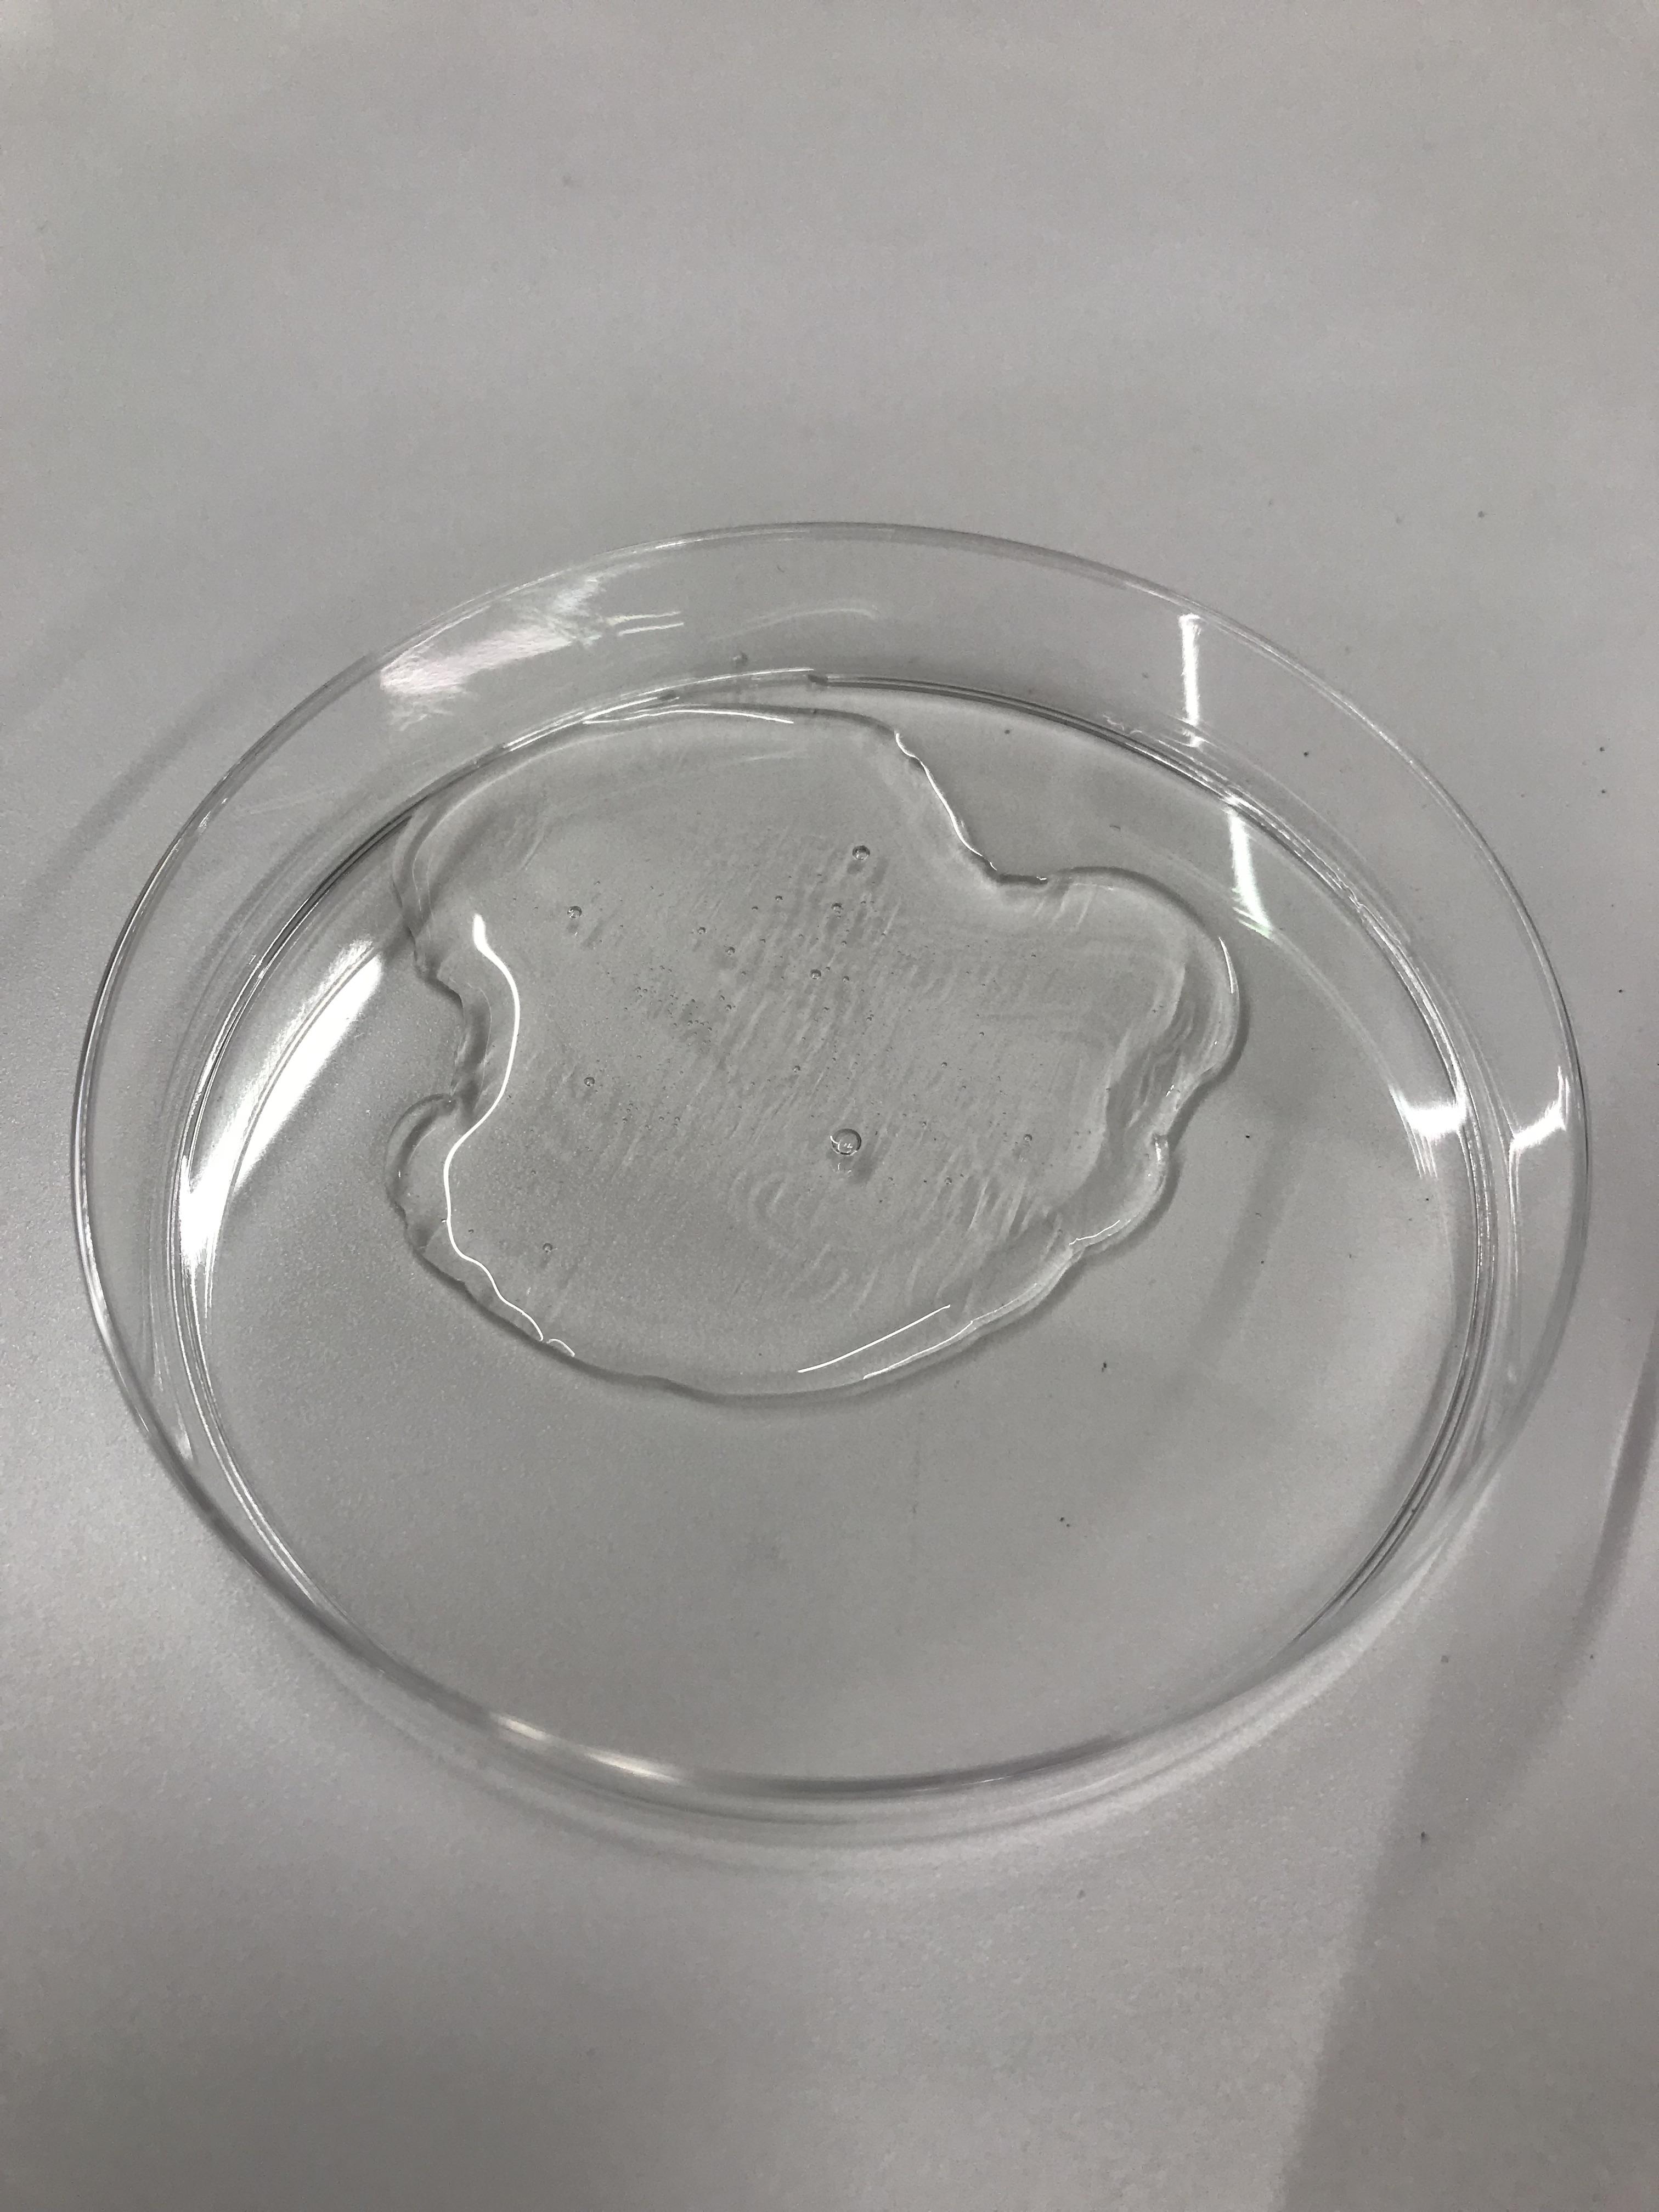 ボタニスト ボタニカルスカルプシャンプーのシャンプー液